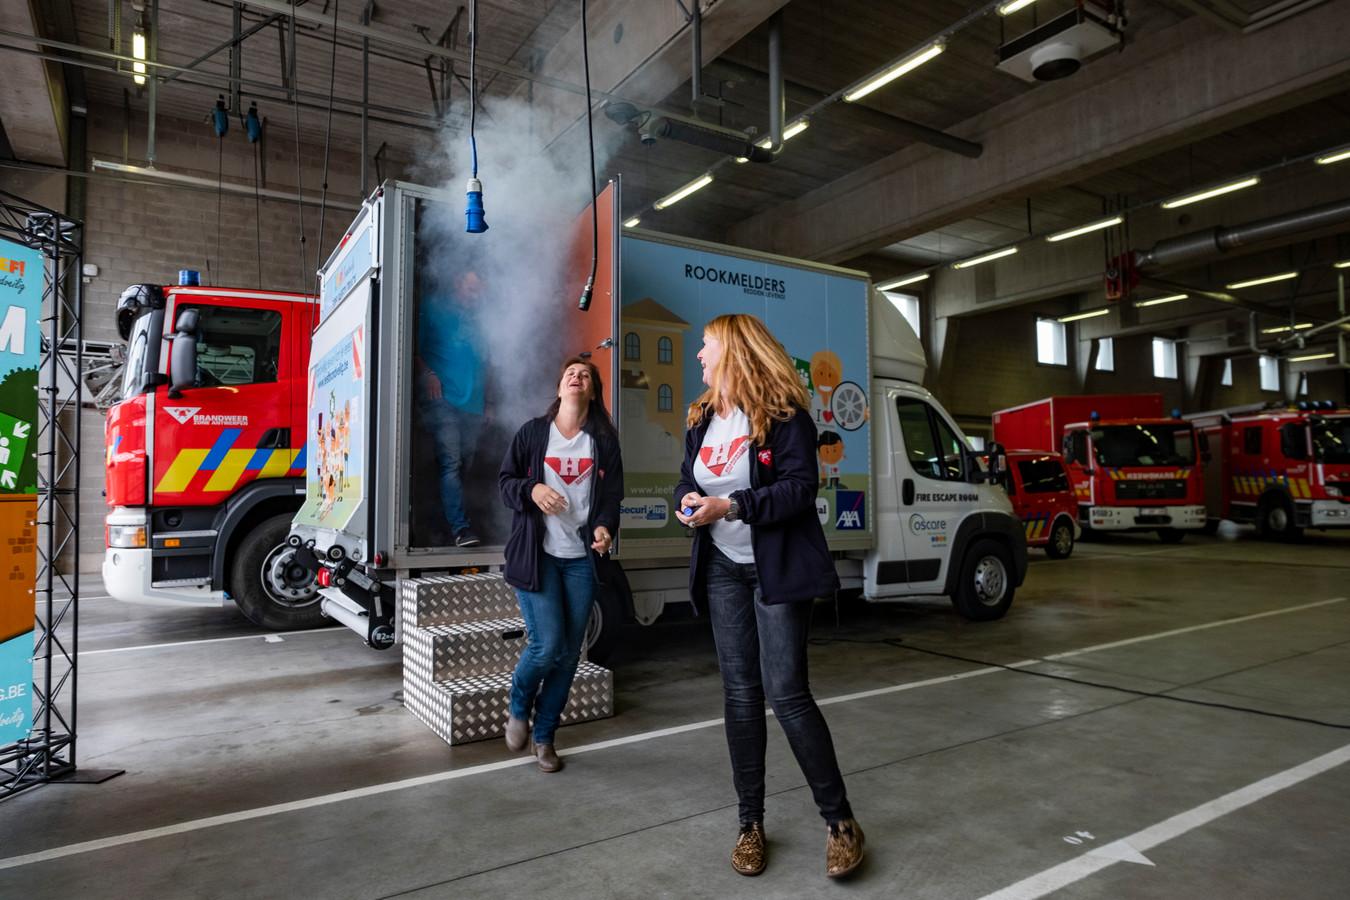 Brandwondencentrum Oscare vzw uit Merksem gaat rondtoeren met een mobiele escape room om burgers over brandveiligheid te sensibiliseren.